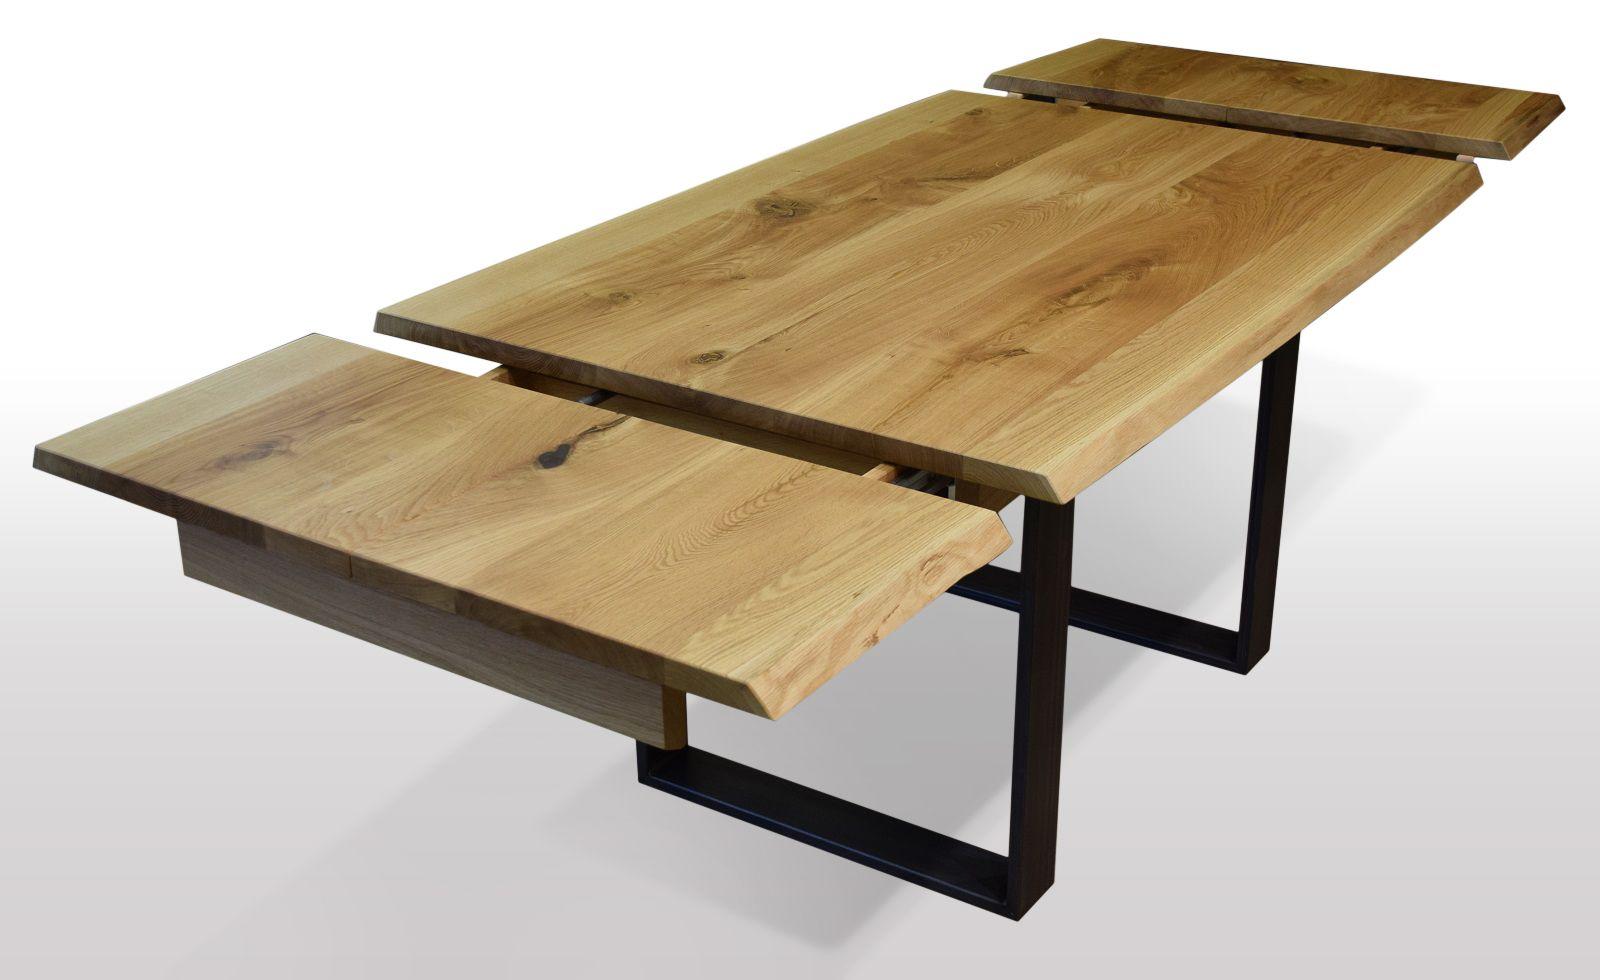 Full Size of Esstische Ausziehbar Tisch Mit Baumkante Eiche Breite 100cm Lnge Whlbar Esstisch Weiß Rund Runder Moderne 160 Kleine Design Massiv Massivholz Holz Esstische Esstische Ausziehbar